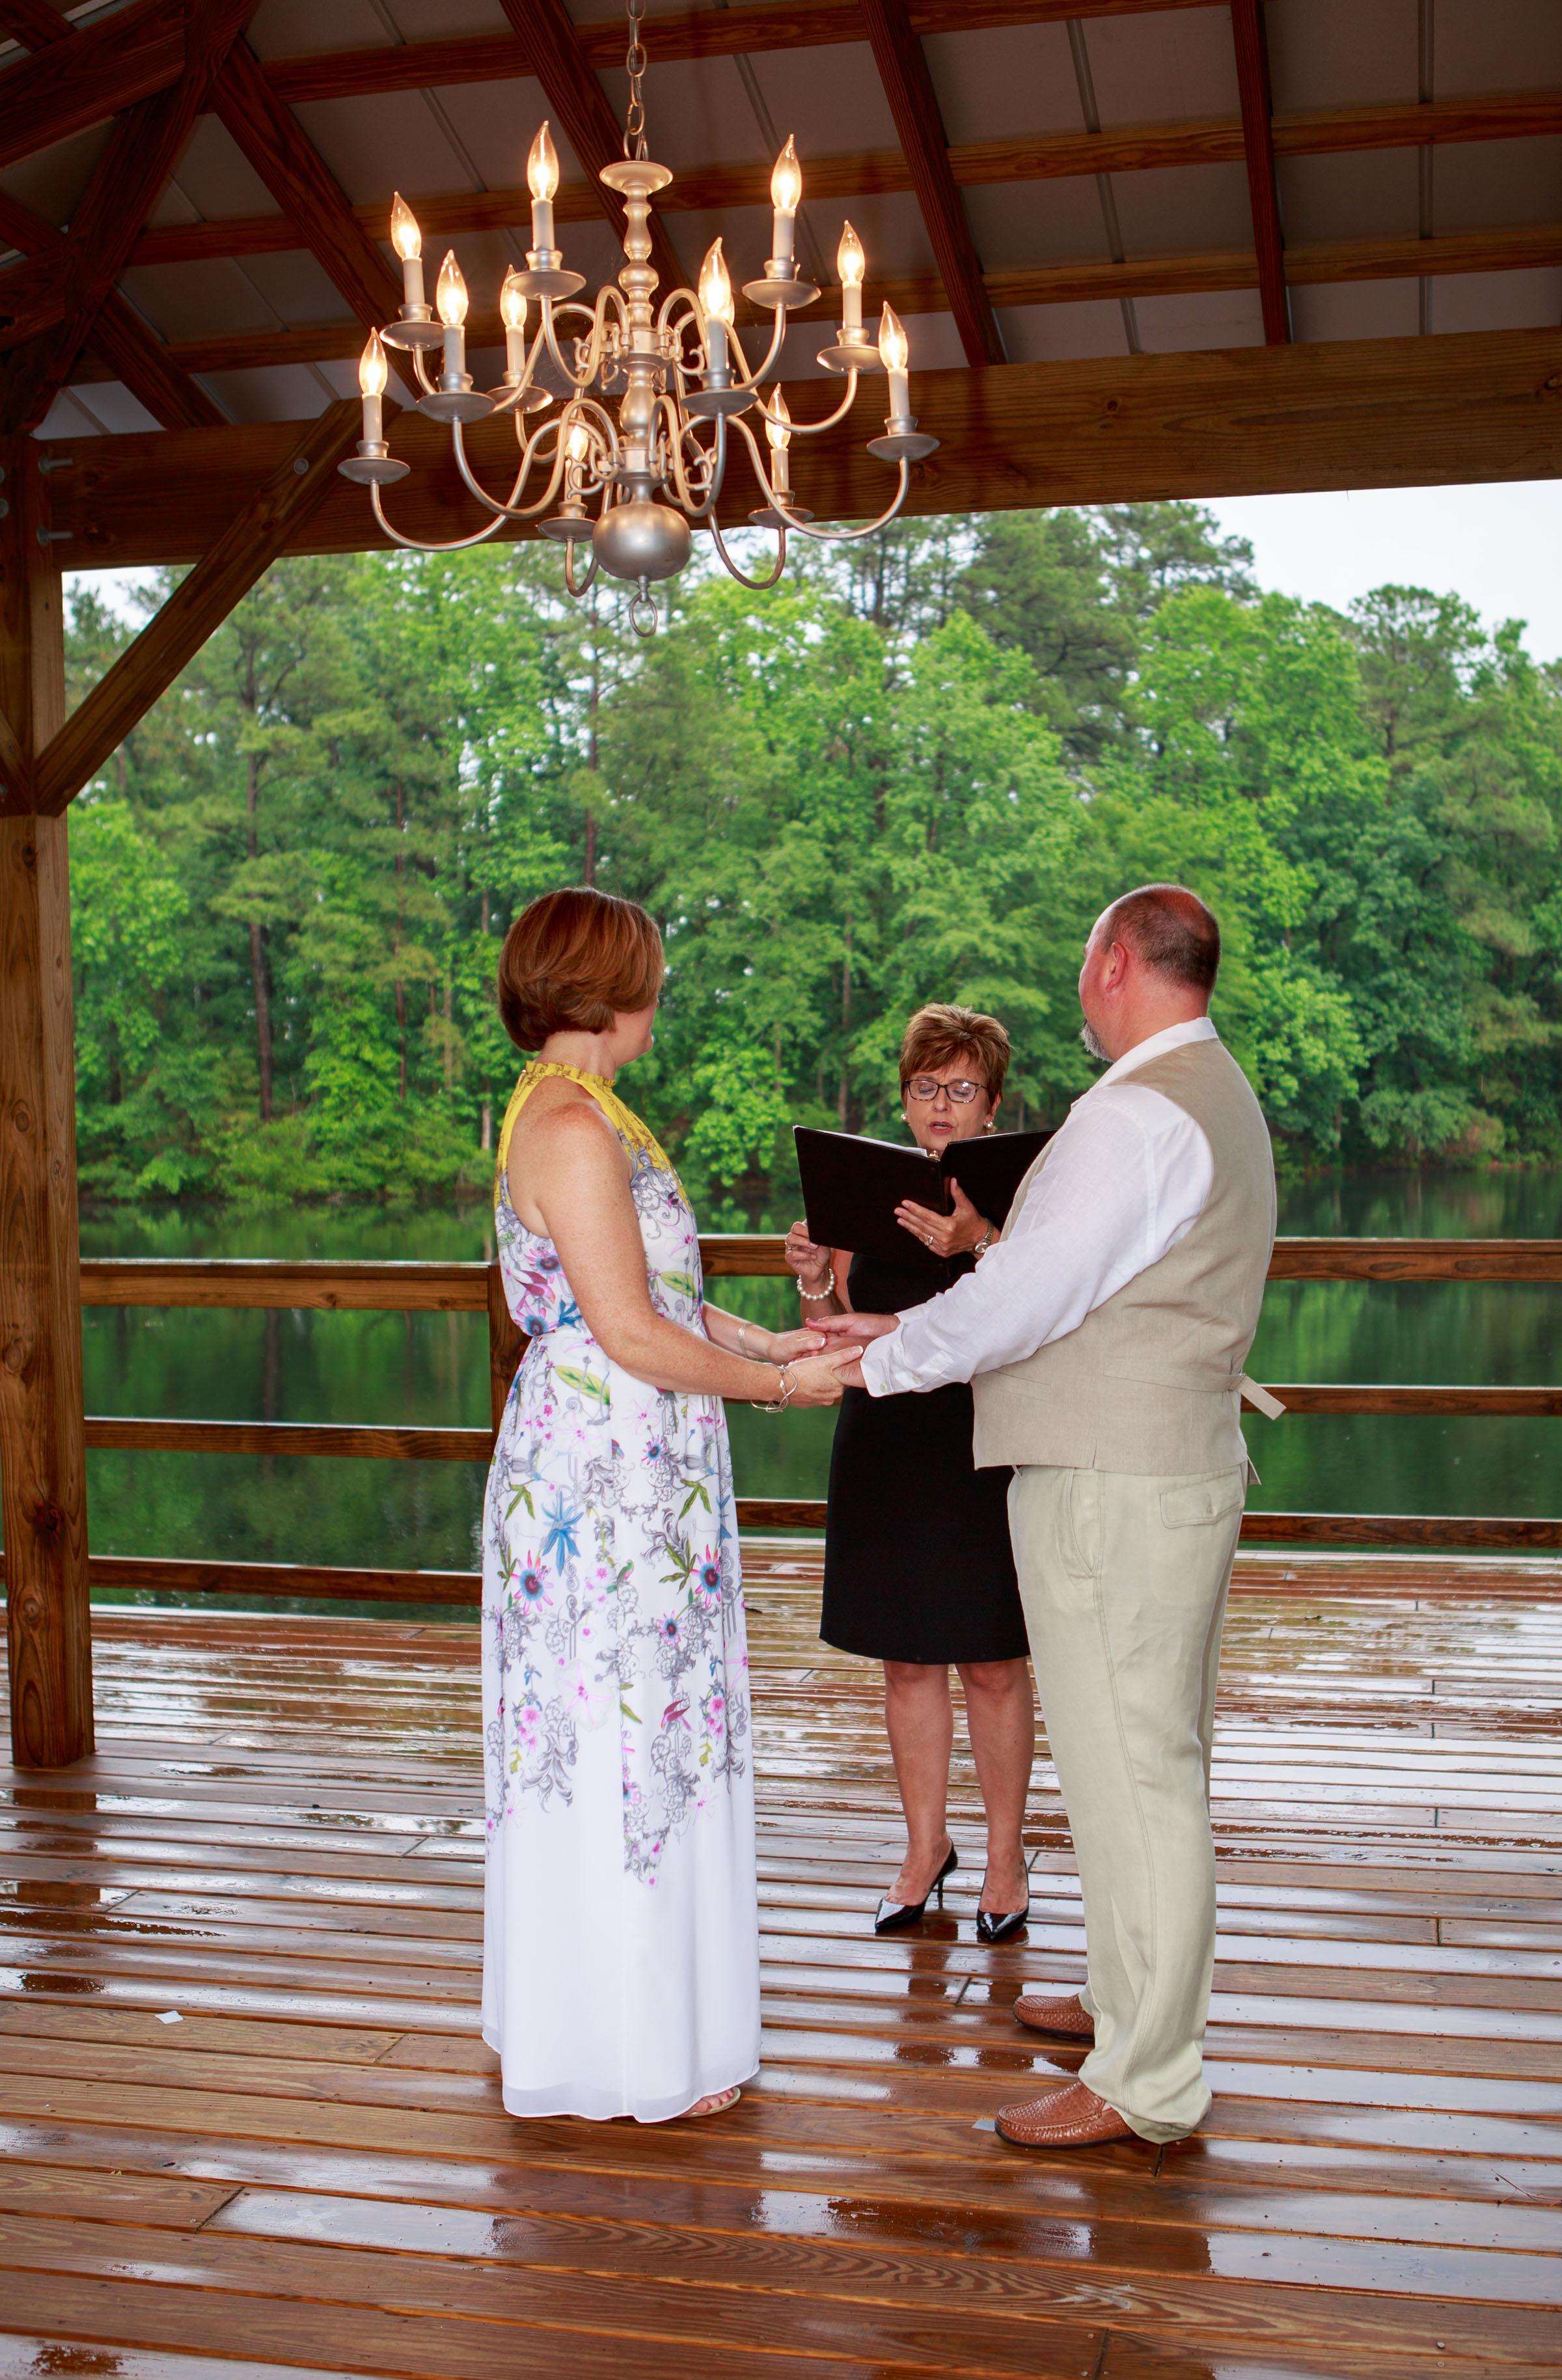 NC-Wedding-Cape-Fear-Vineyard-17.jpg